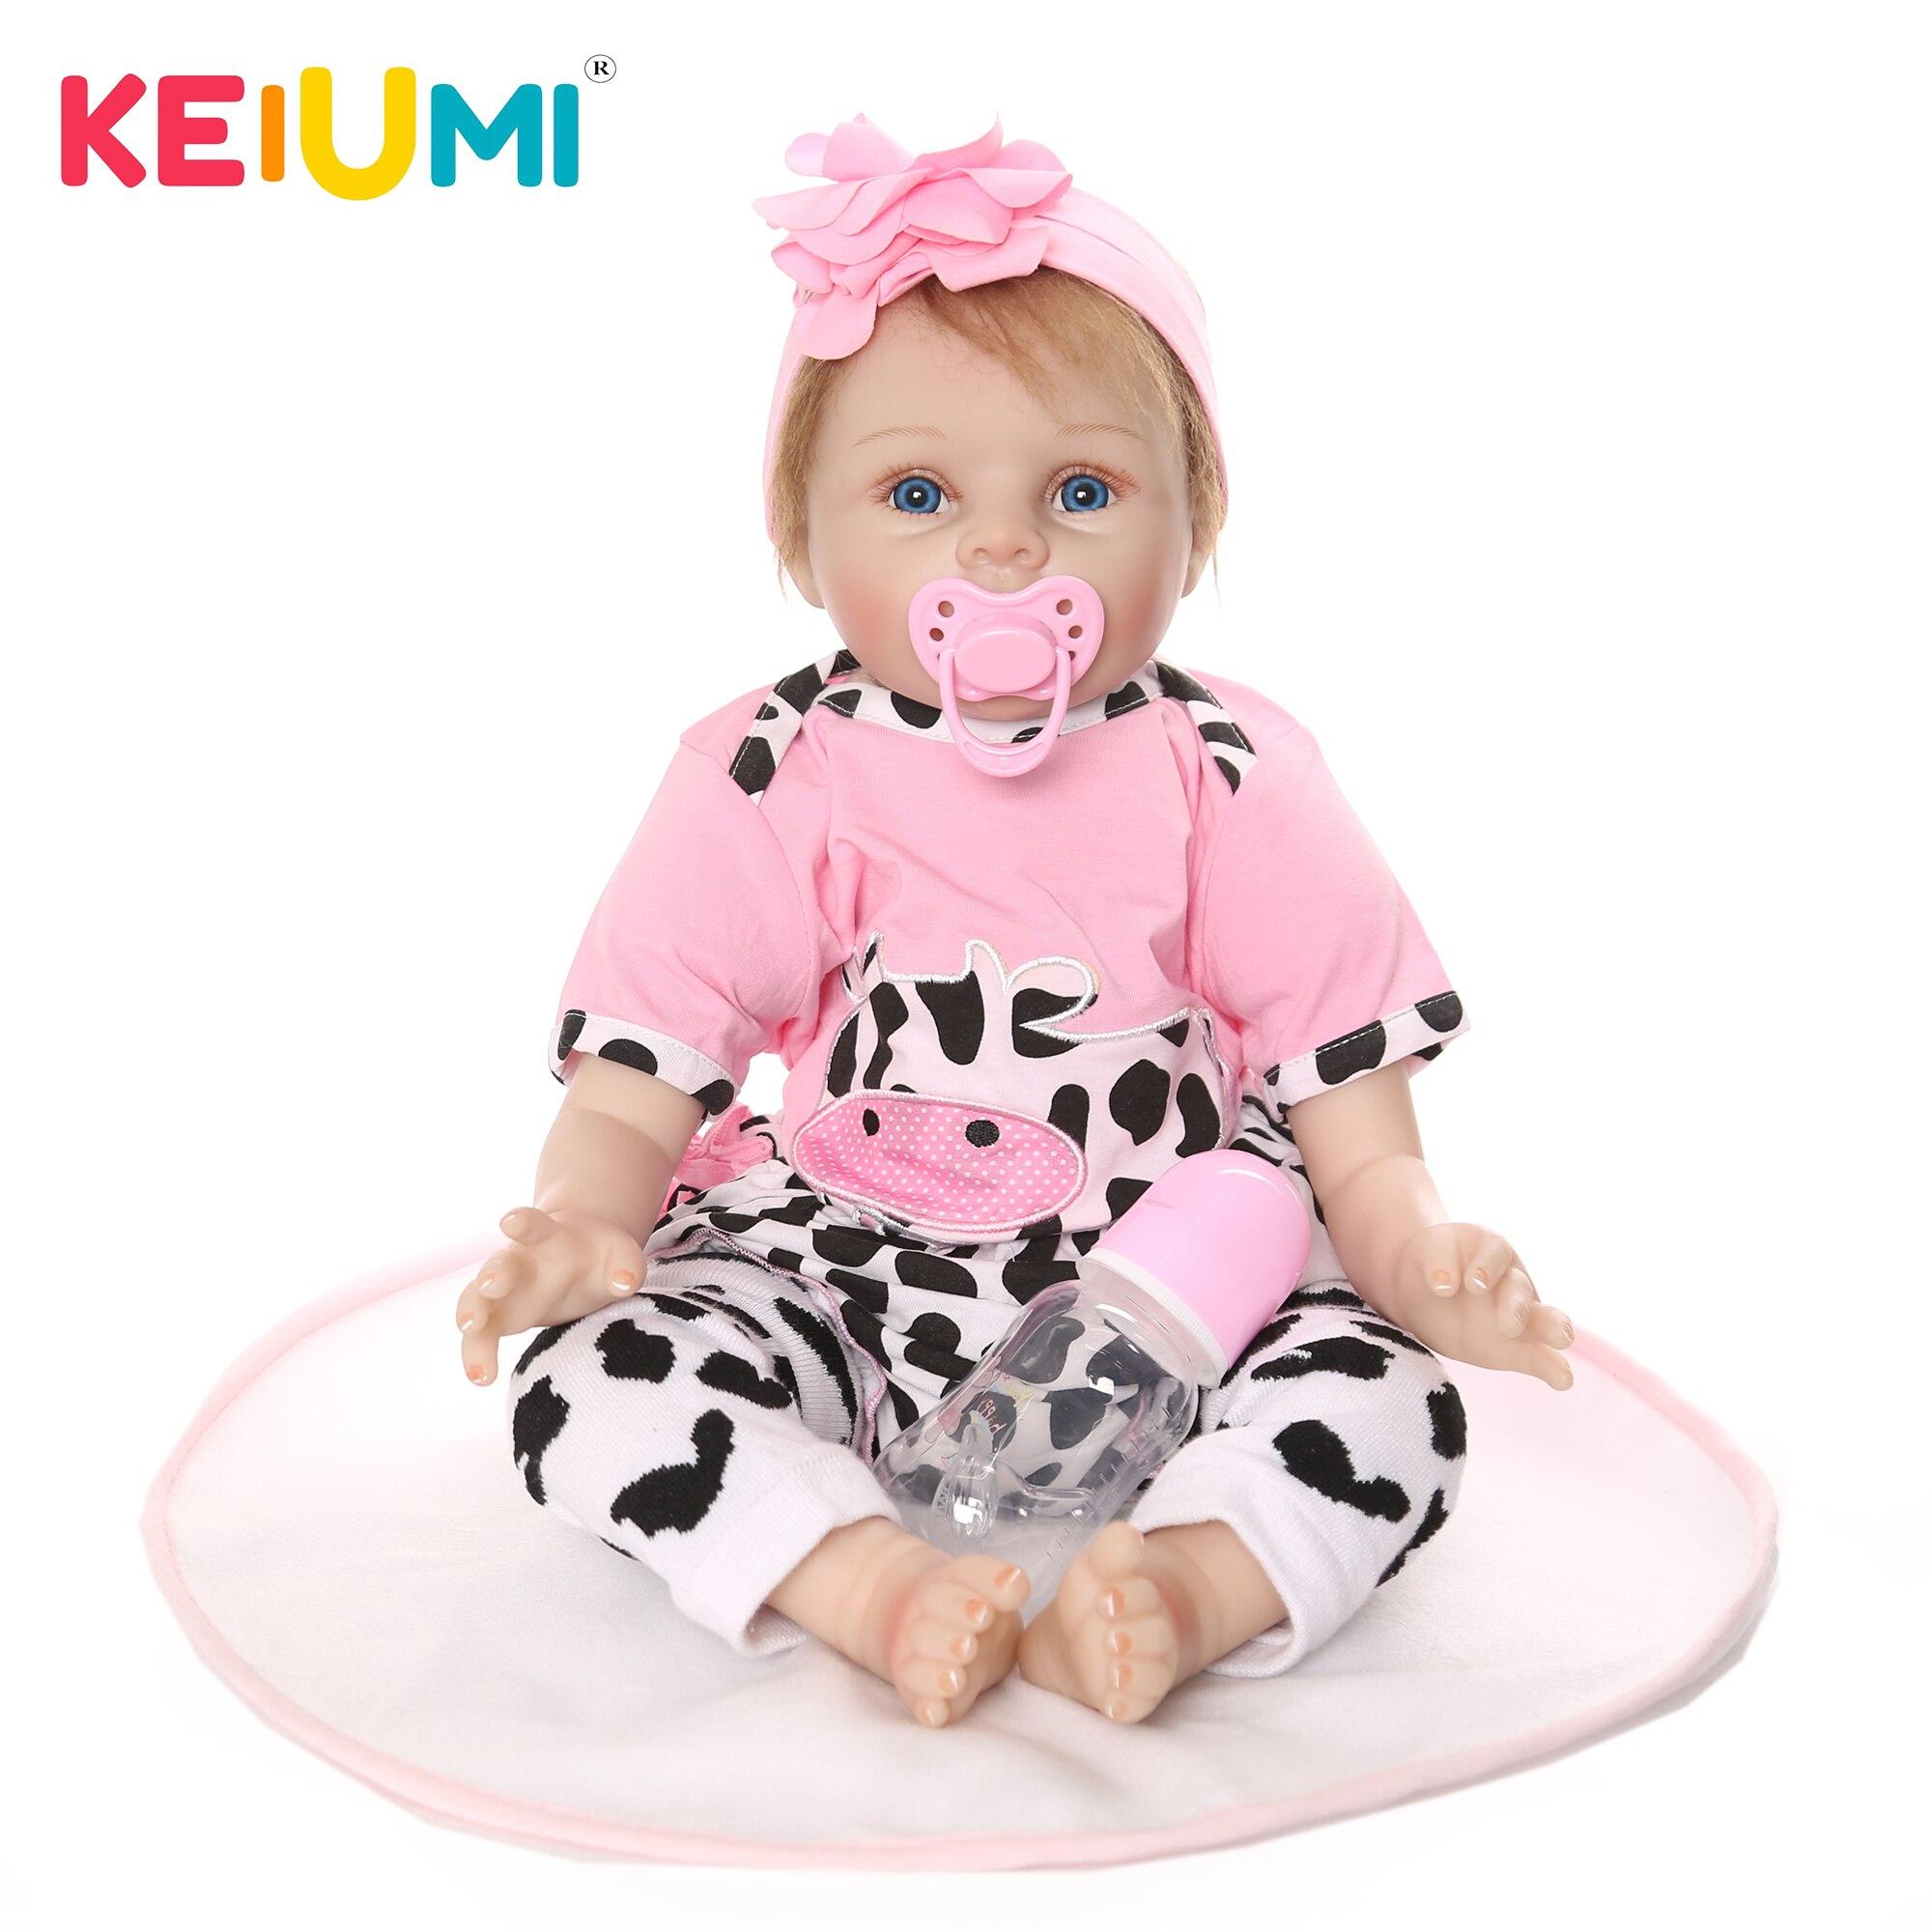 KEIUMI 2019 22 pouces poupées en peluche Reborn bébé poupée réaliste 55 cm Reborn fille jouets pour enfant en bas âge Playmate enfants cadeau d'anniversaire